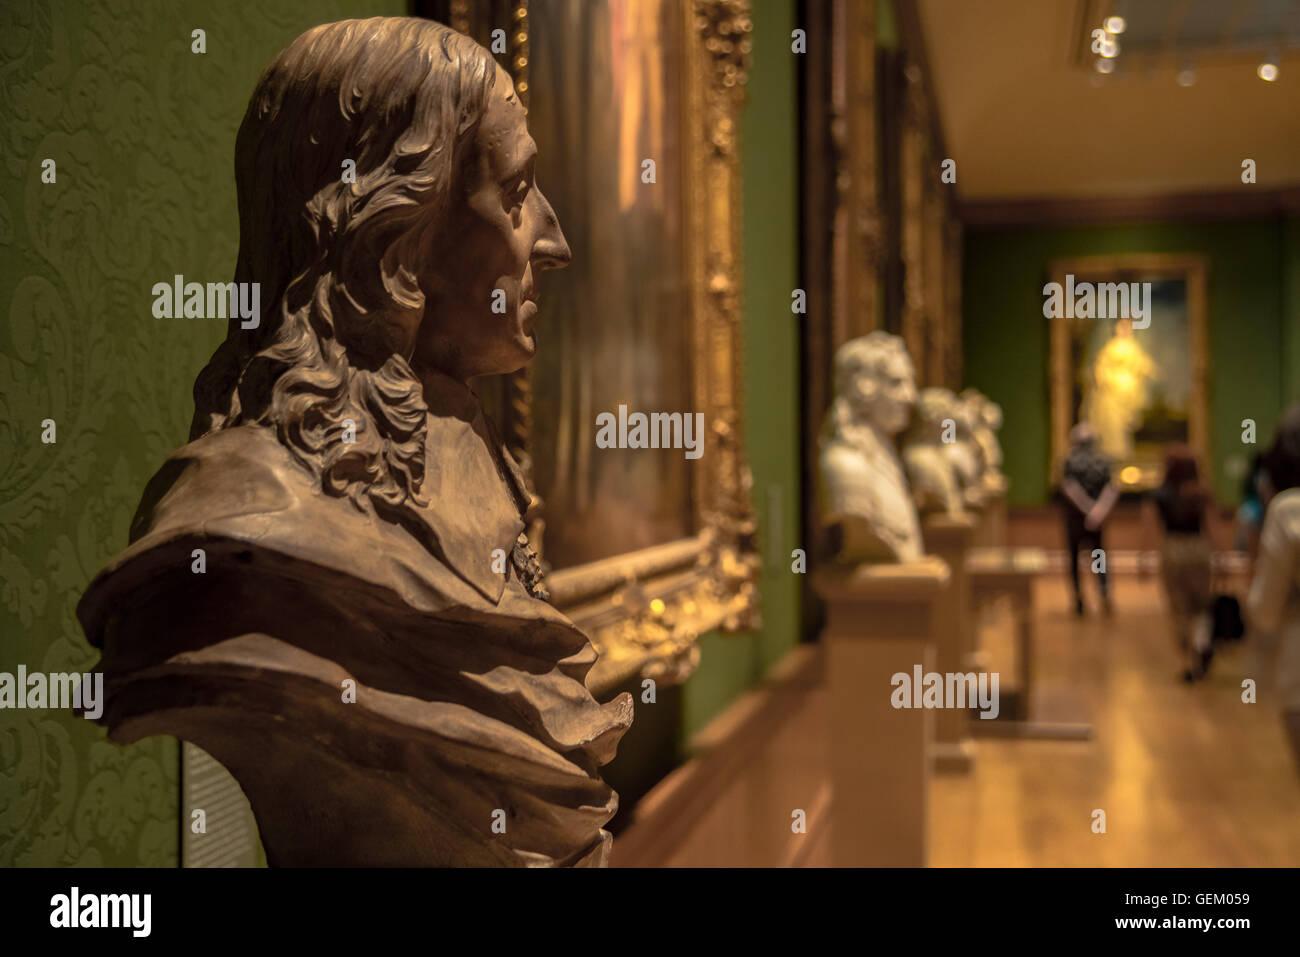 Museum Huntington Stock Photos & Museum Huntington Stock Images - Alamy